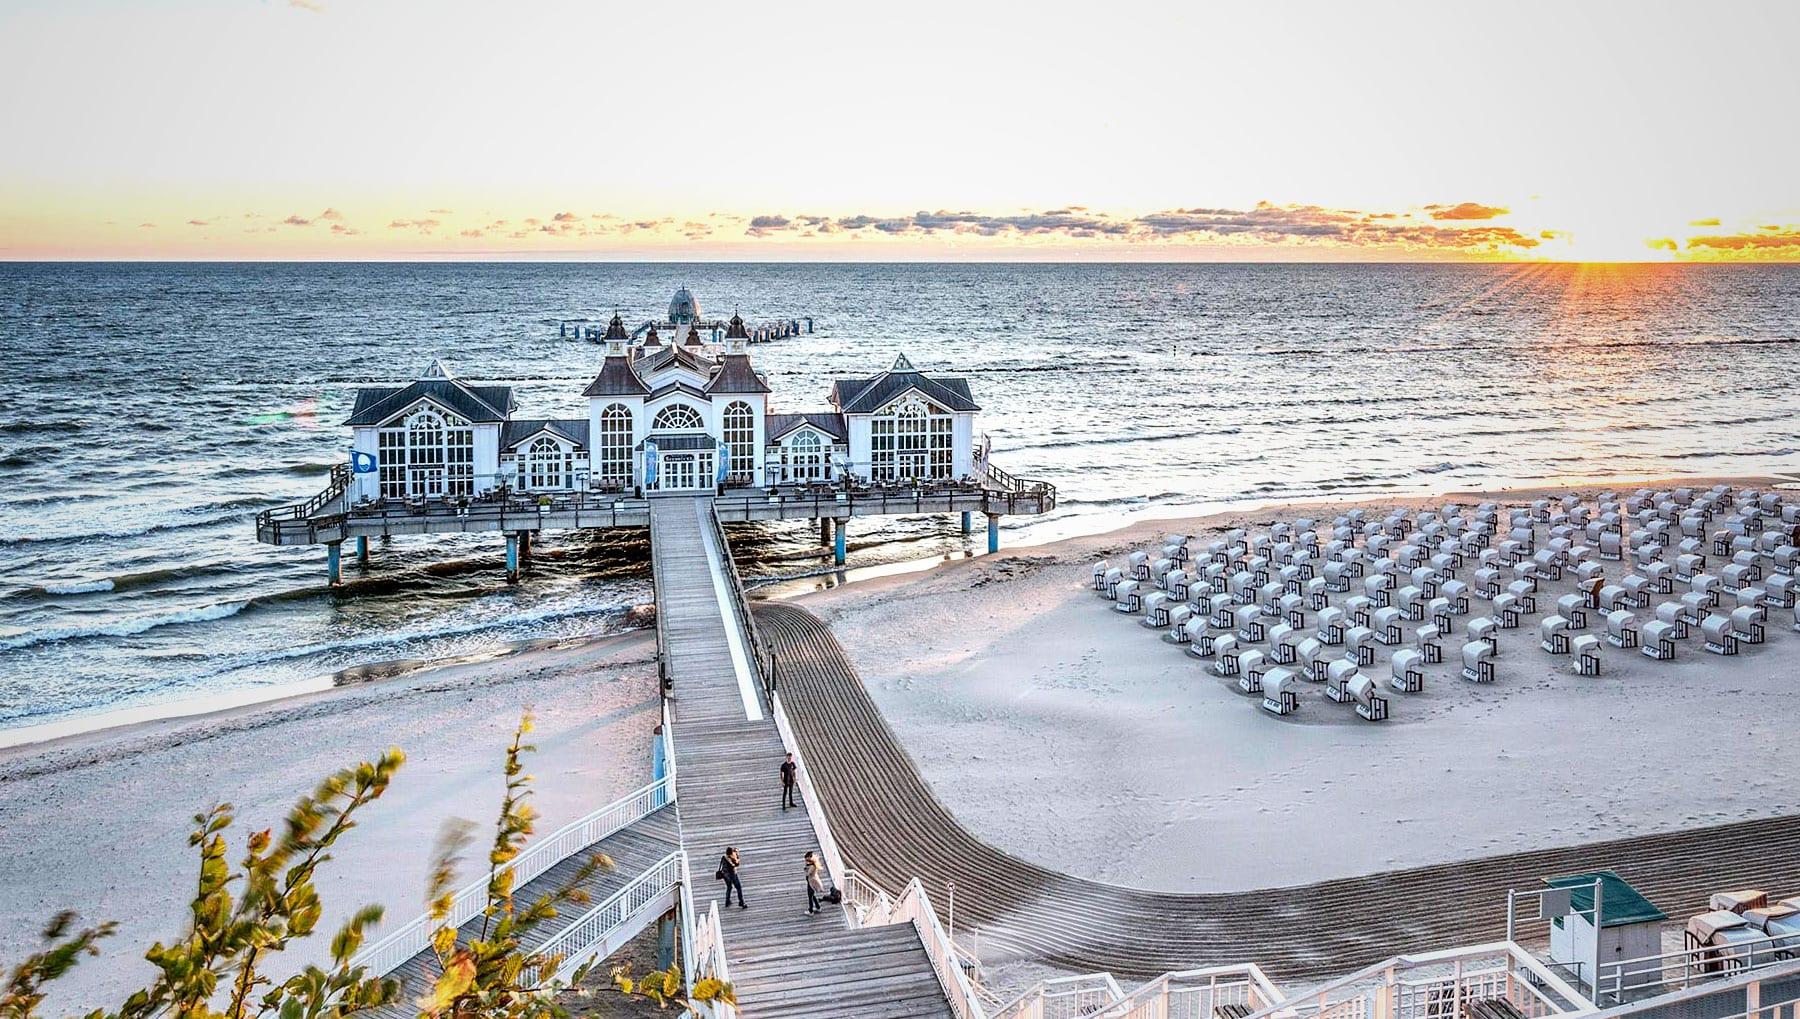 Ein Ausflug an die Ostsee – Den Alltag hinter sich lassen